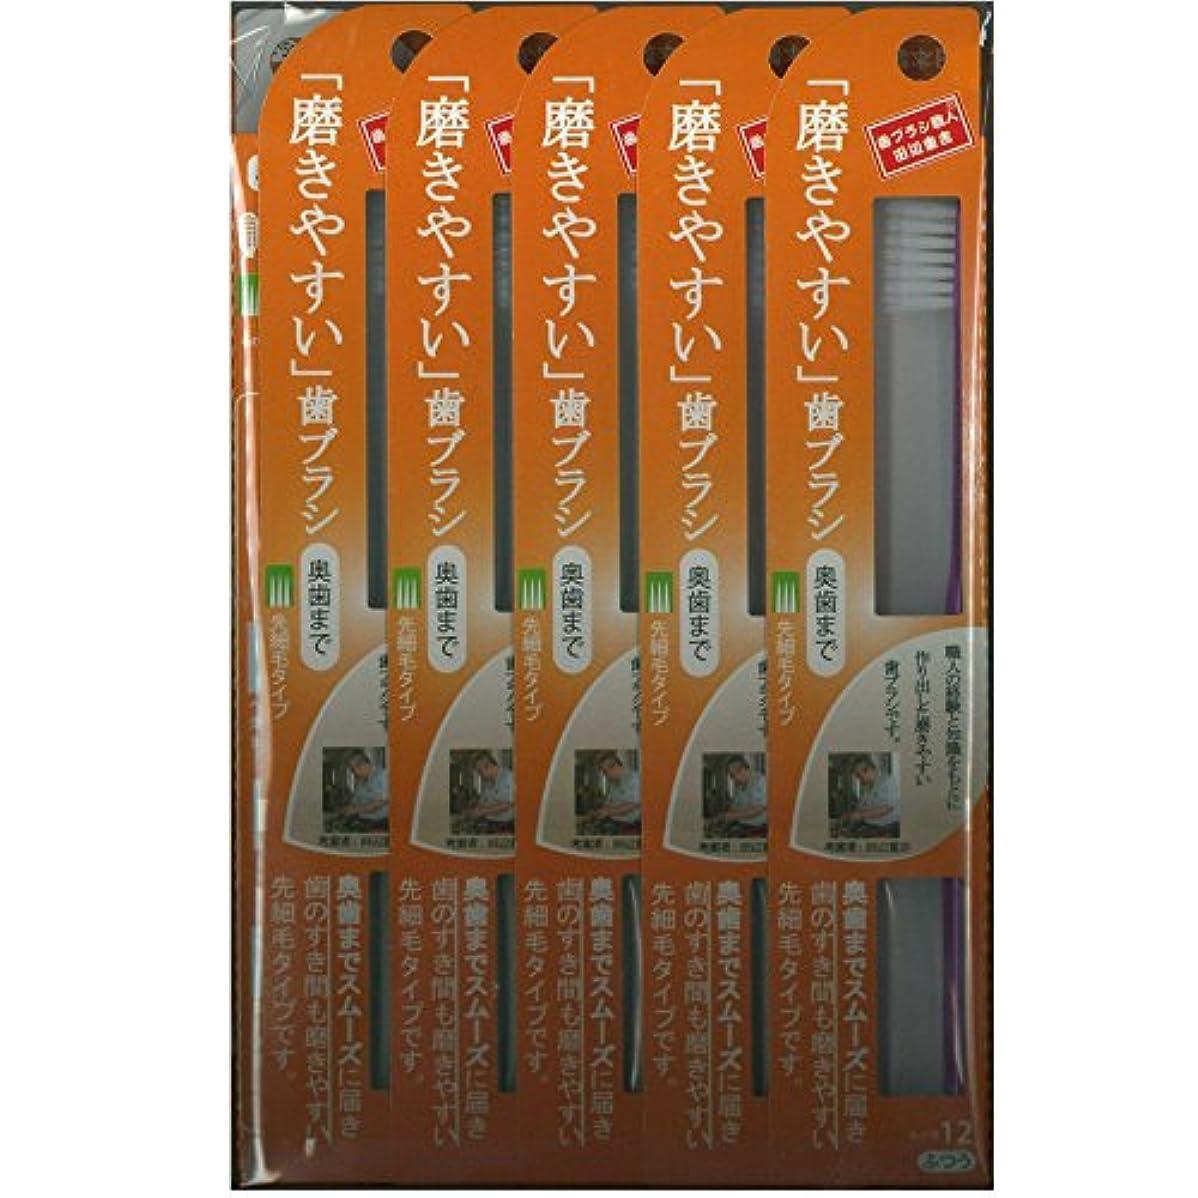 運河維持に磨きやすい歯ブラシ(奥歯まで)先細 LT-12×12本セット( ピンク×4本、ブルー×4本、グリーン×2本、パープル×2本)